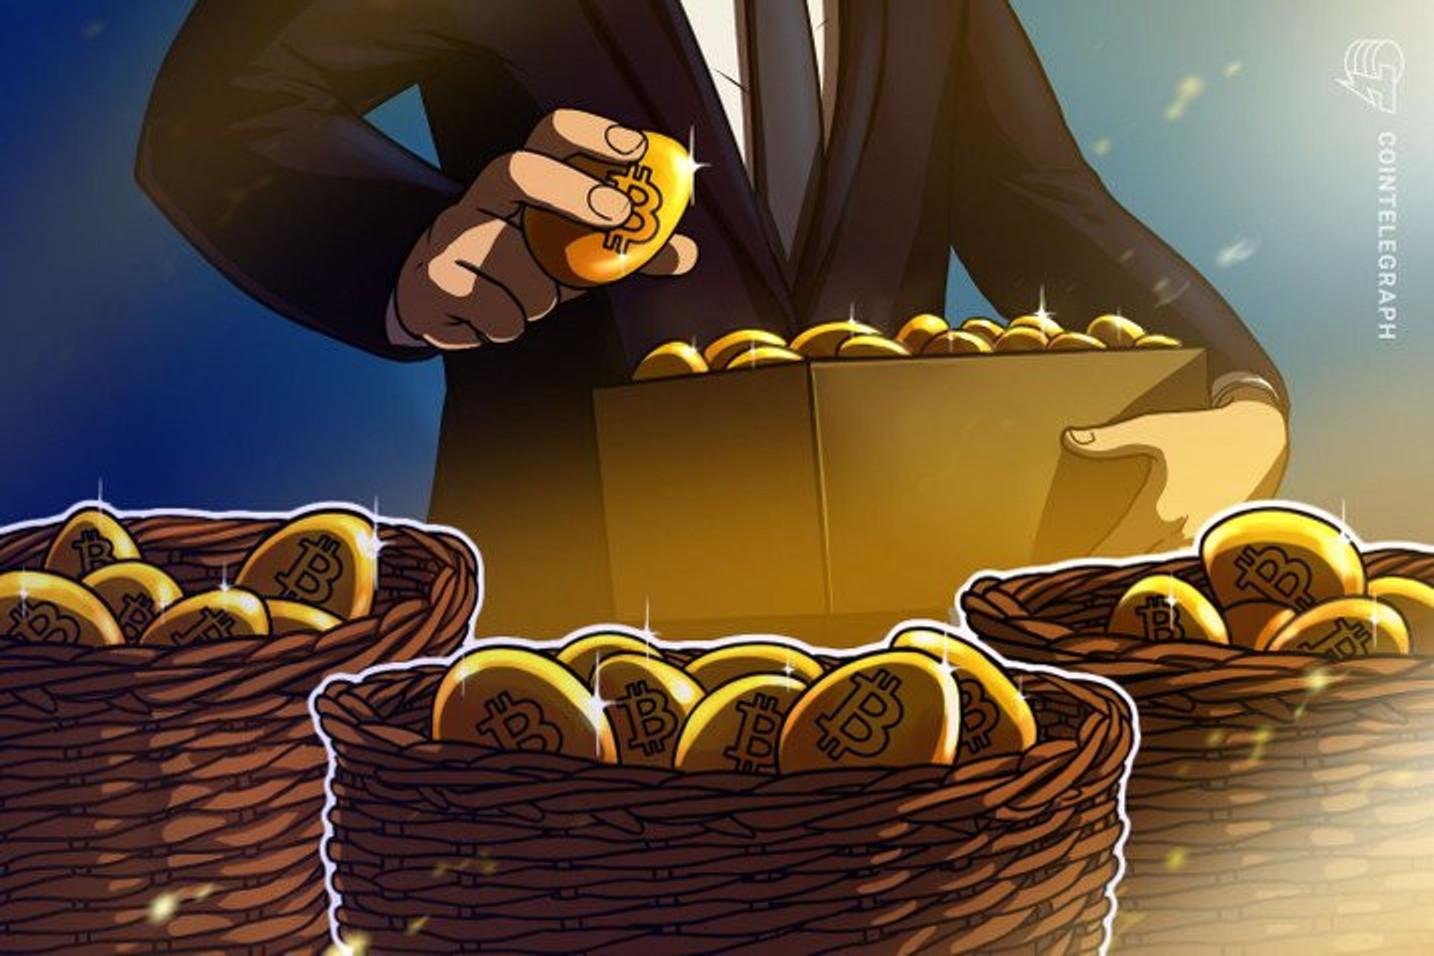 Quanto um investimento de US$ 100 em Bitcoin em 2016 valeria hoje?